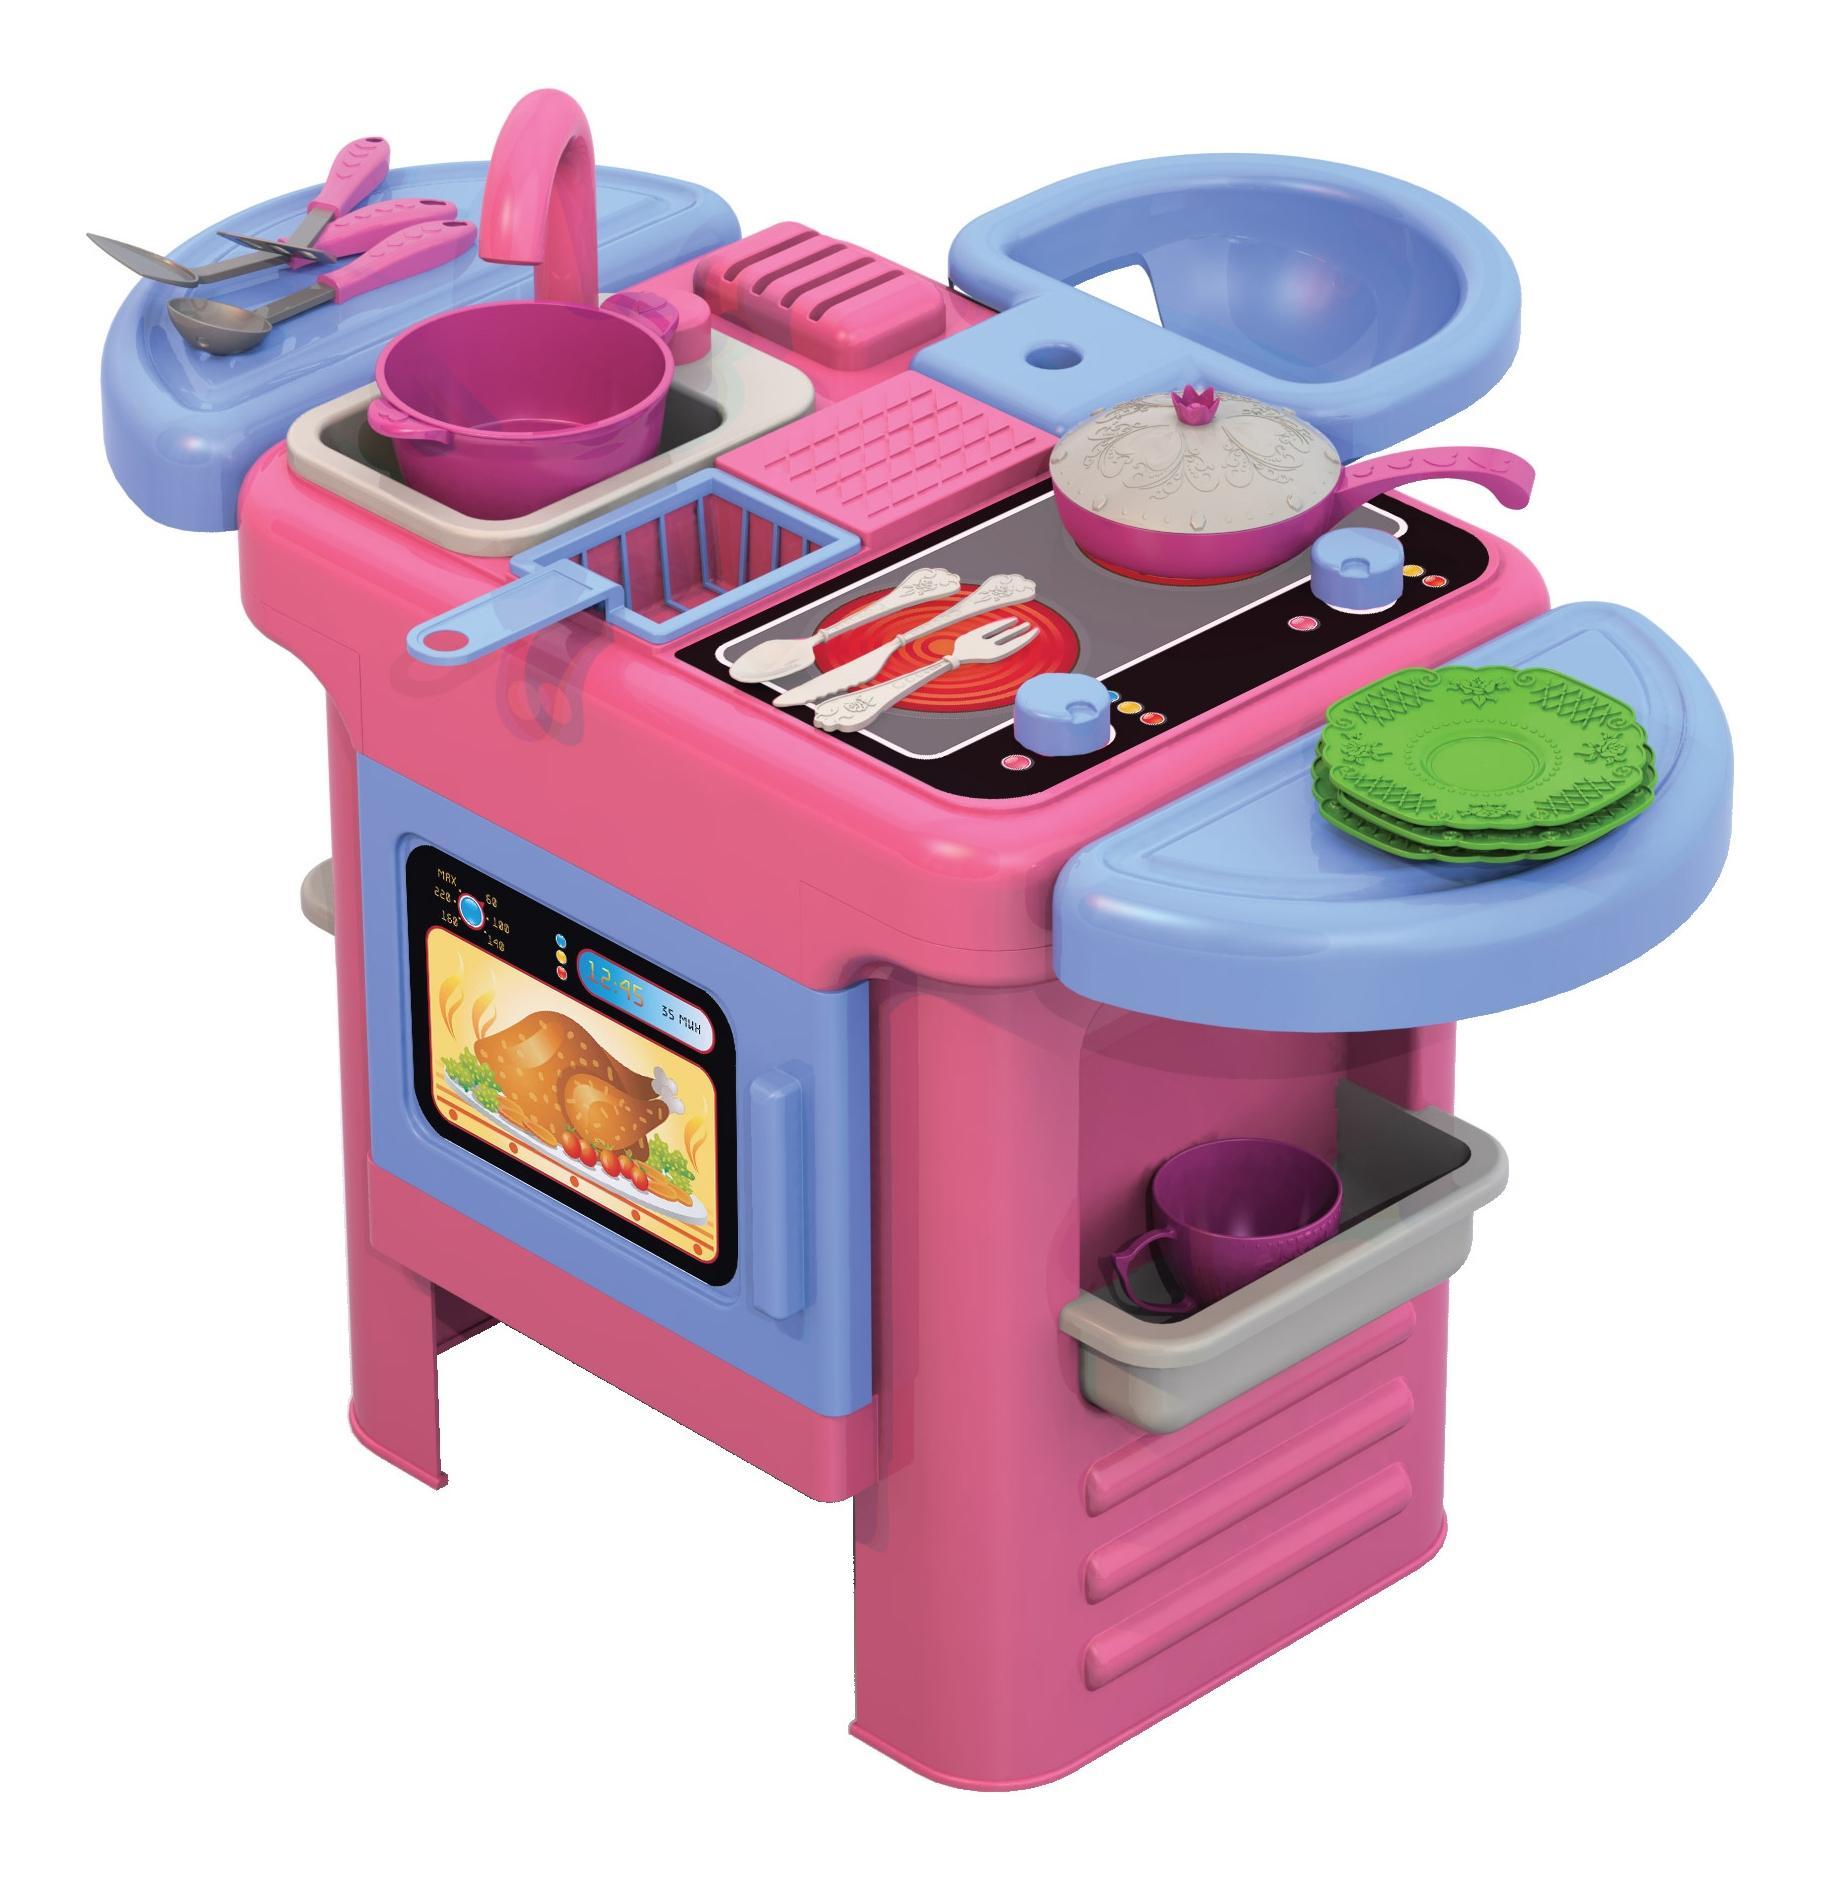 Кухонный набор Волшебная хозяюшка: №3 кухня 44 см набор посудки сиденье для куклы фото